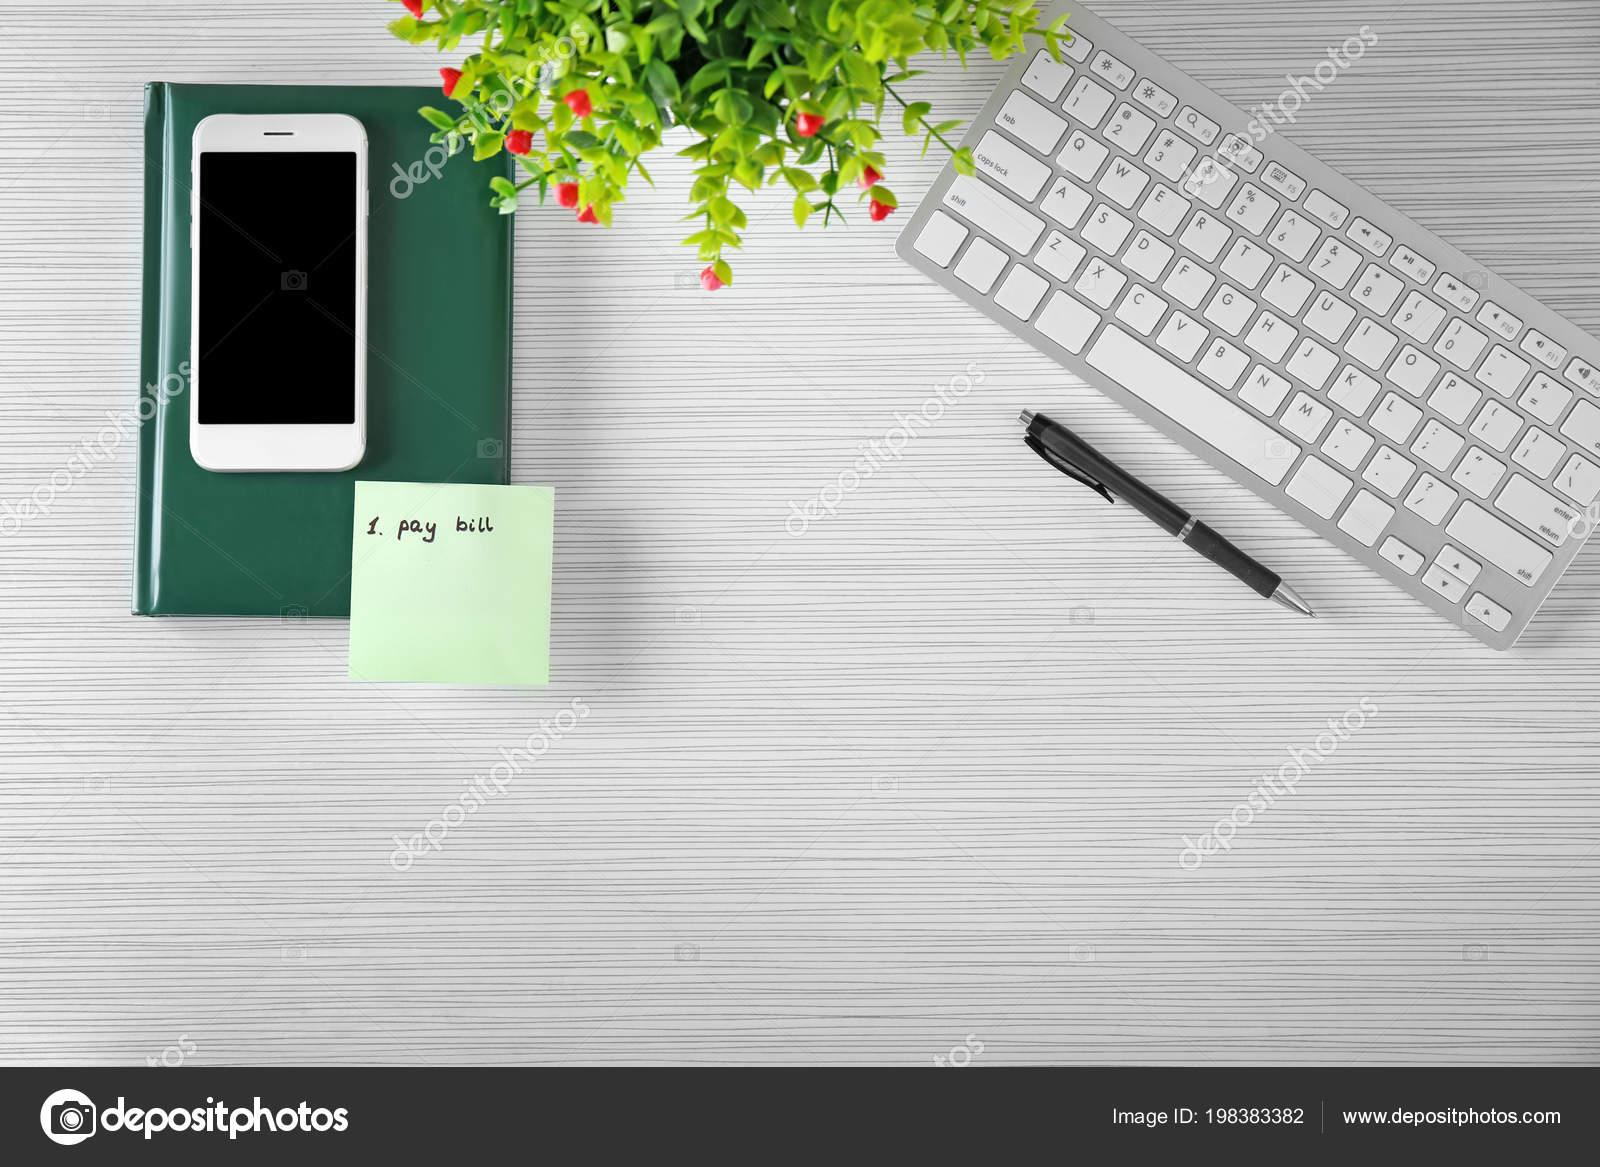 Autoadesivo Con Frase Pagare Bill Tastiera Del Computer Telefono